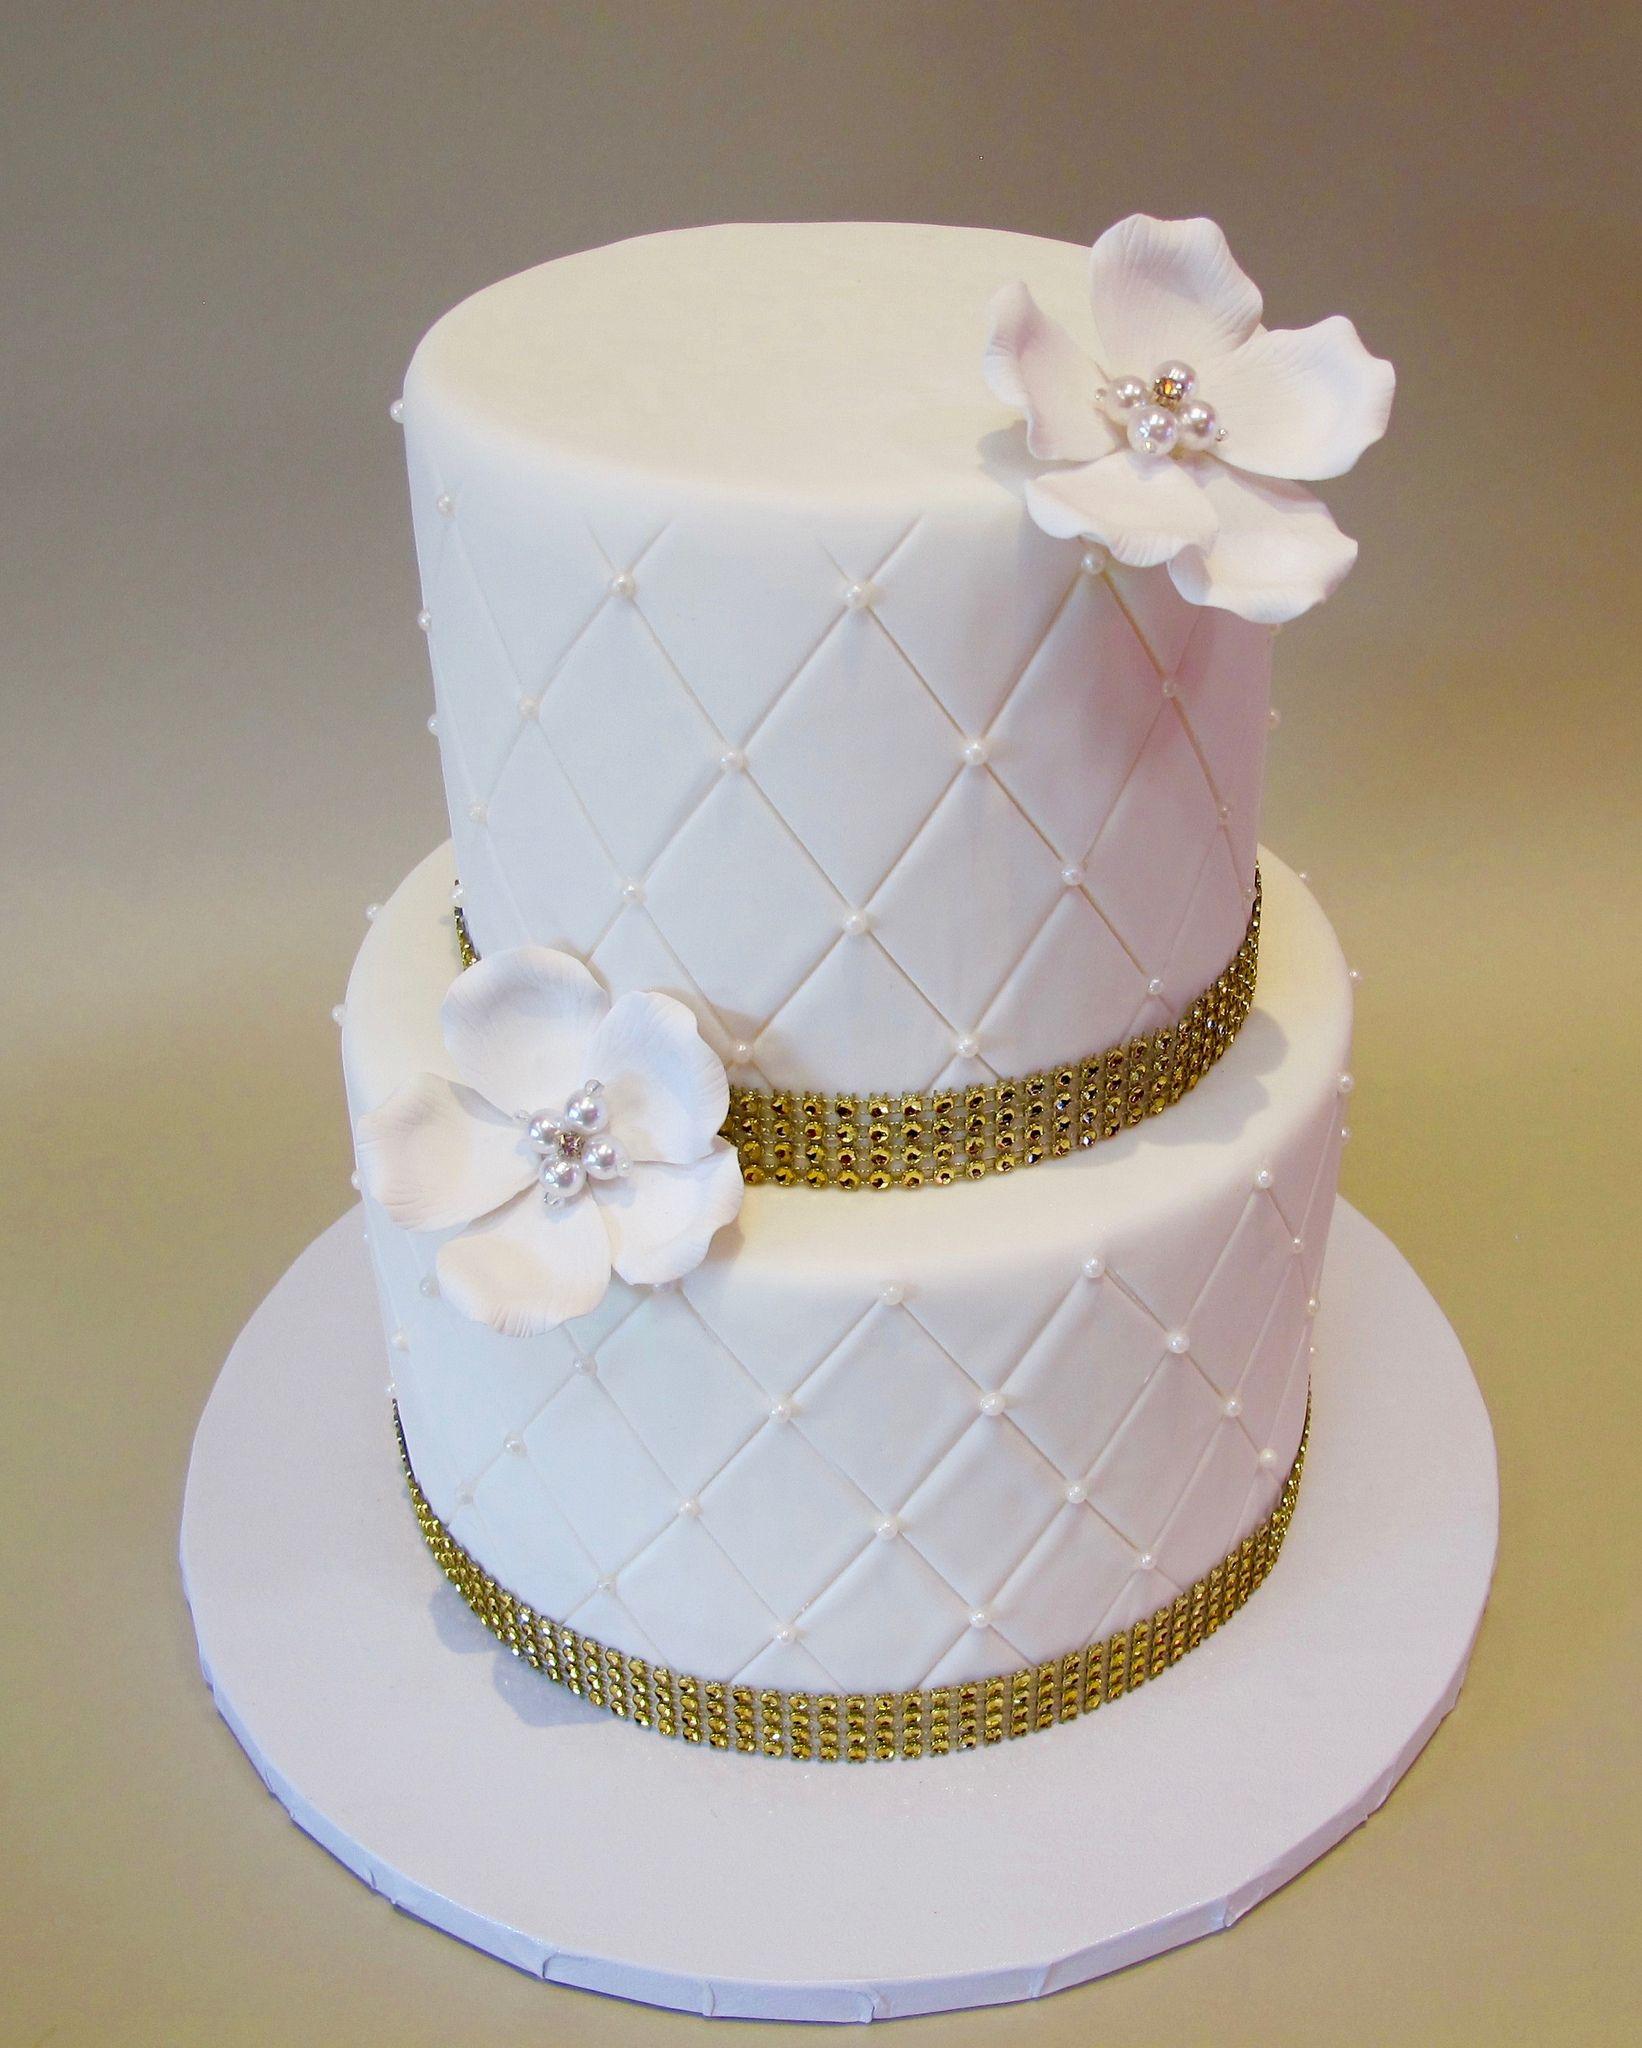 Attractive Asda Wedding Cake Composition - The Wedding Ideas ...